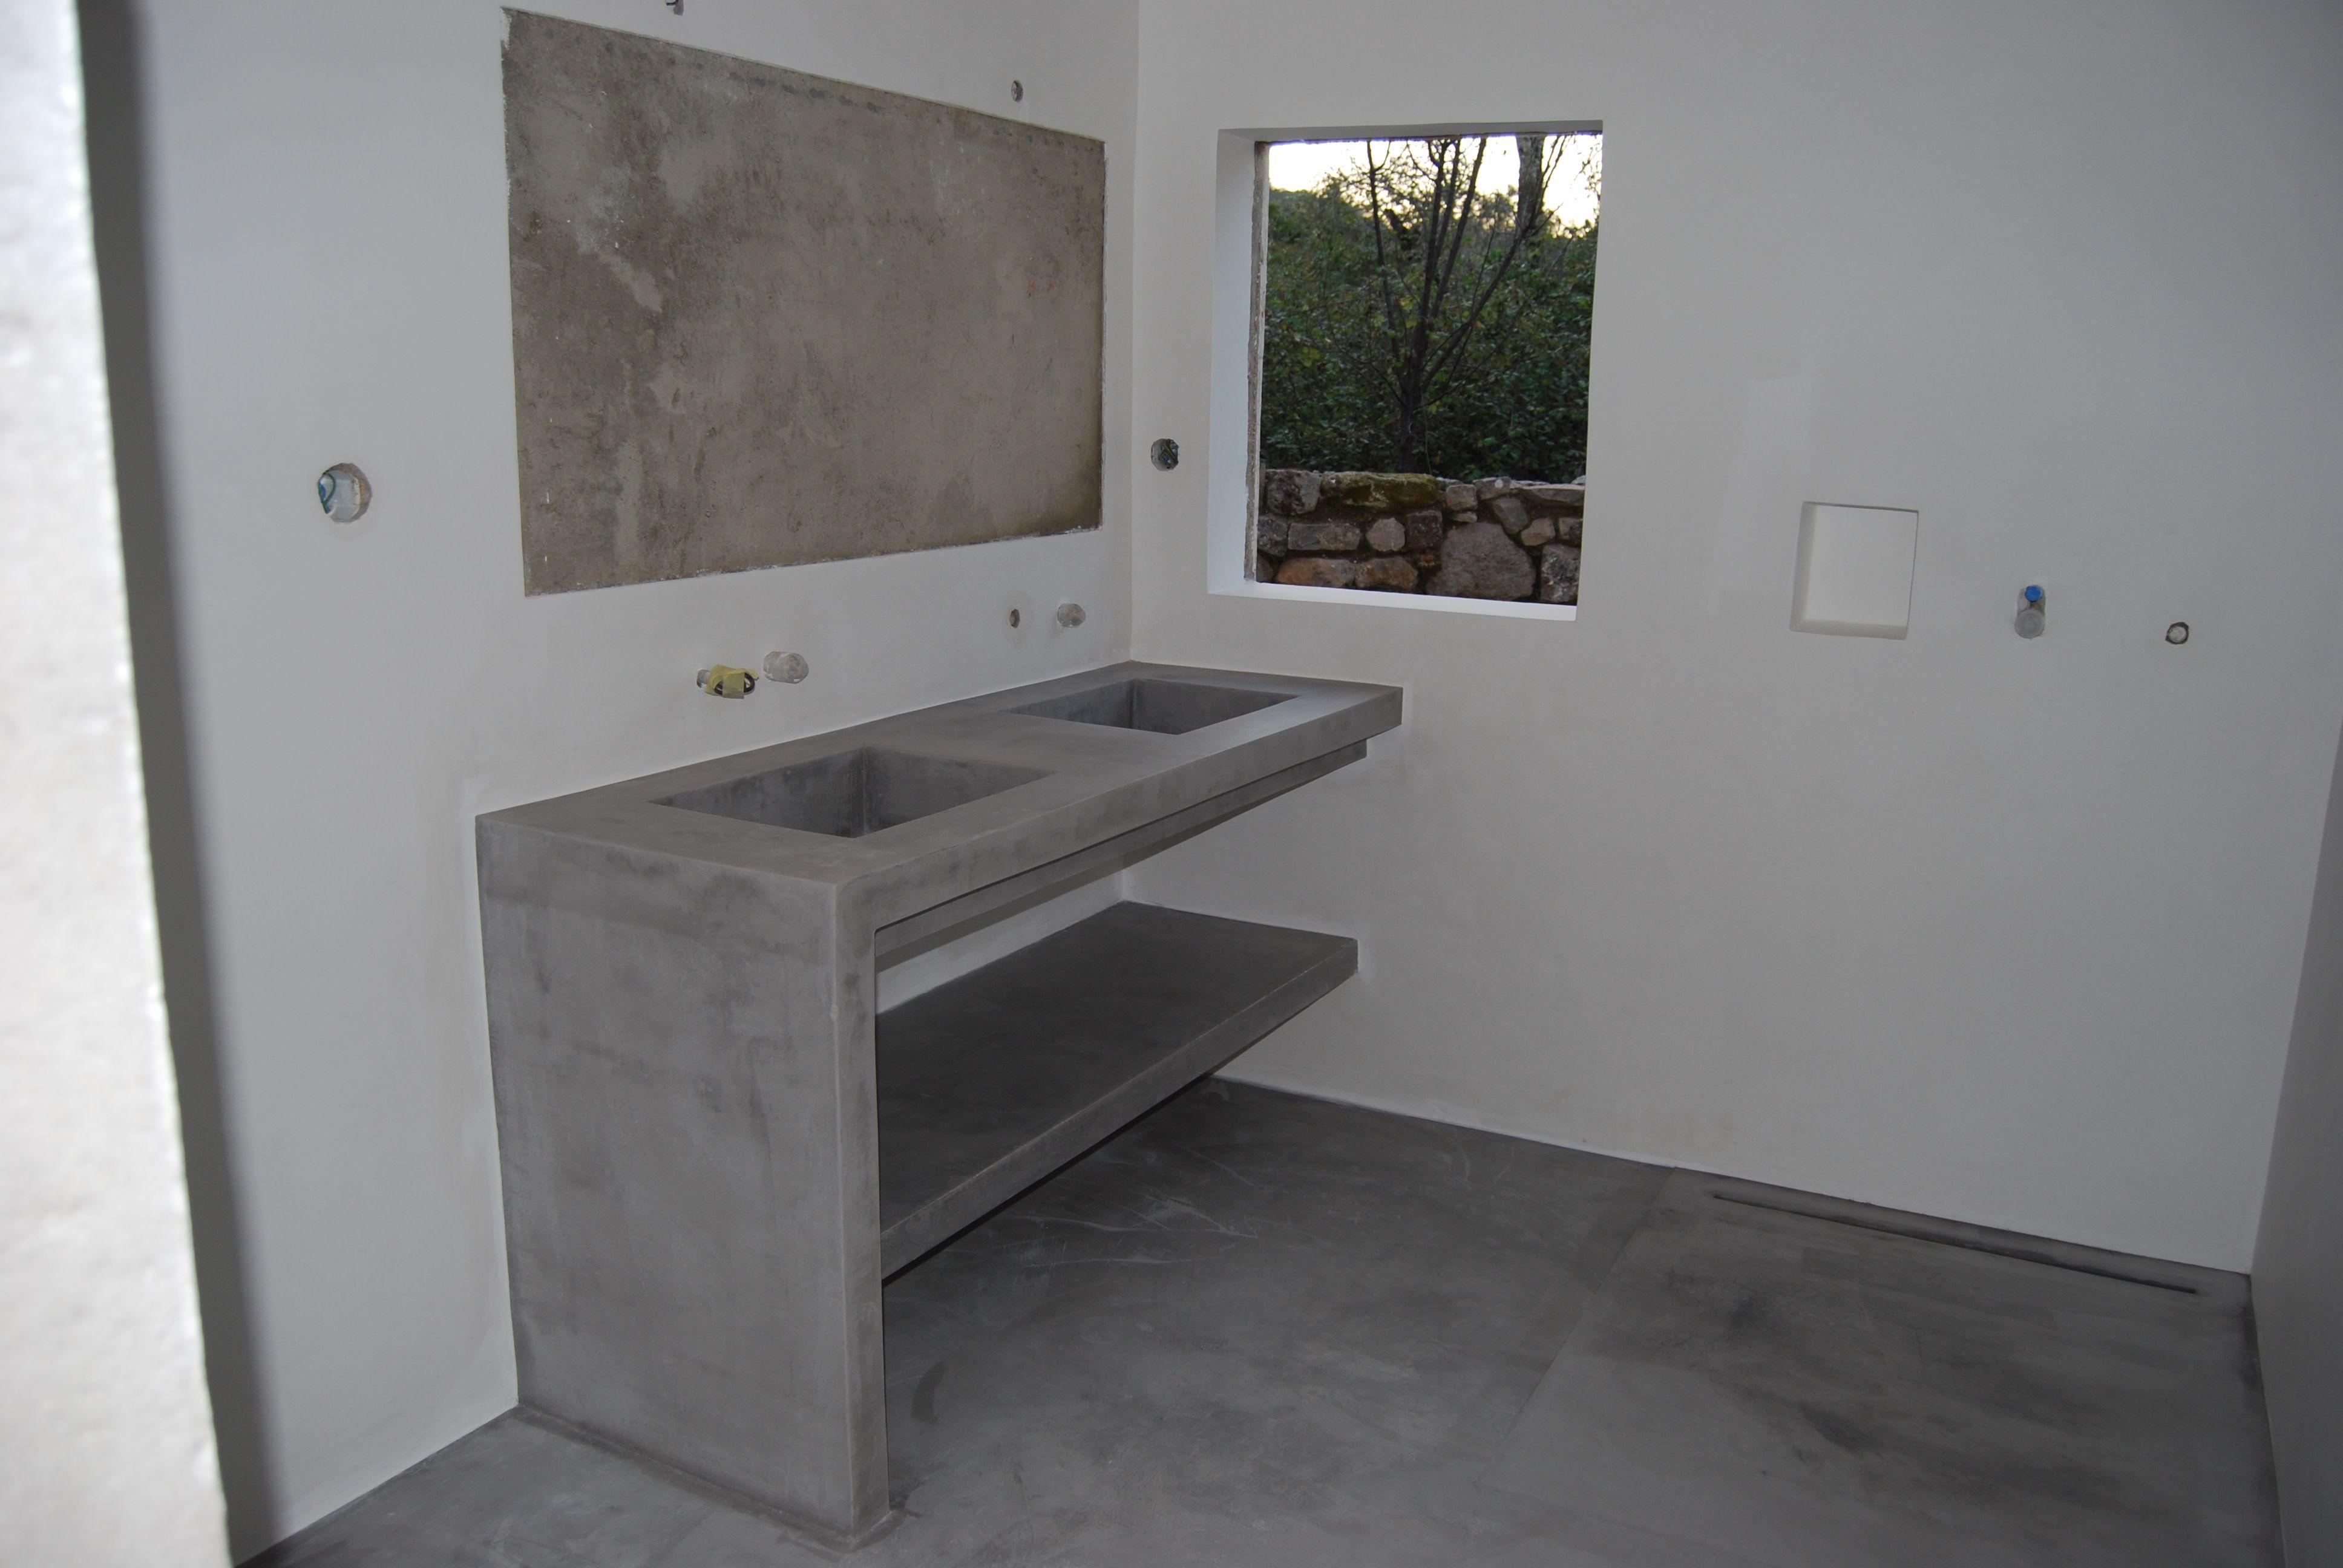 Wasbak Badkamer Praxis : Wasbak badkamer praxis badkamer villavlusch